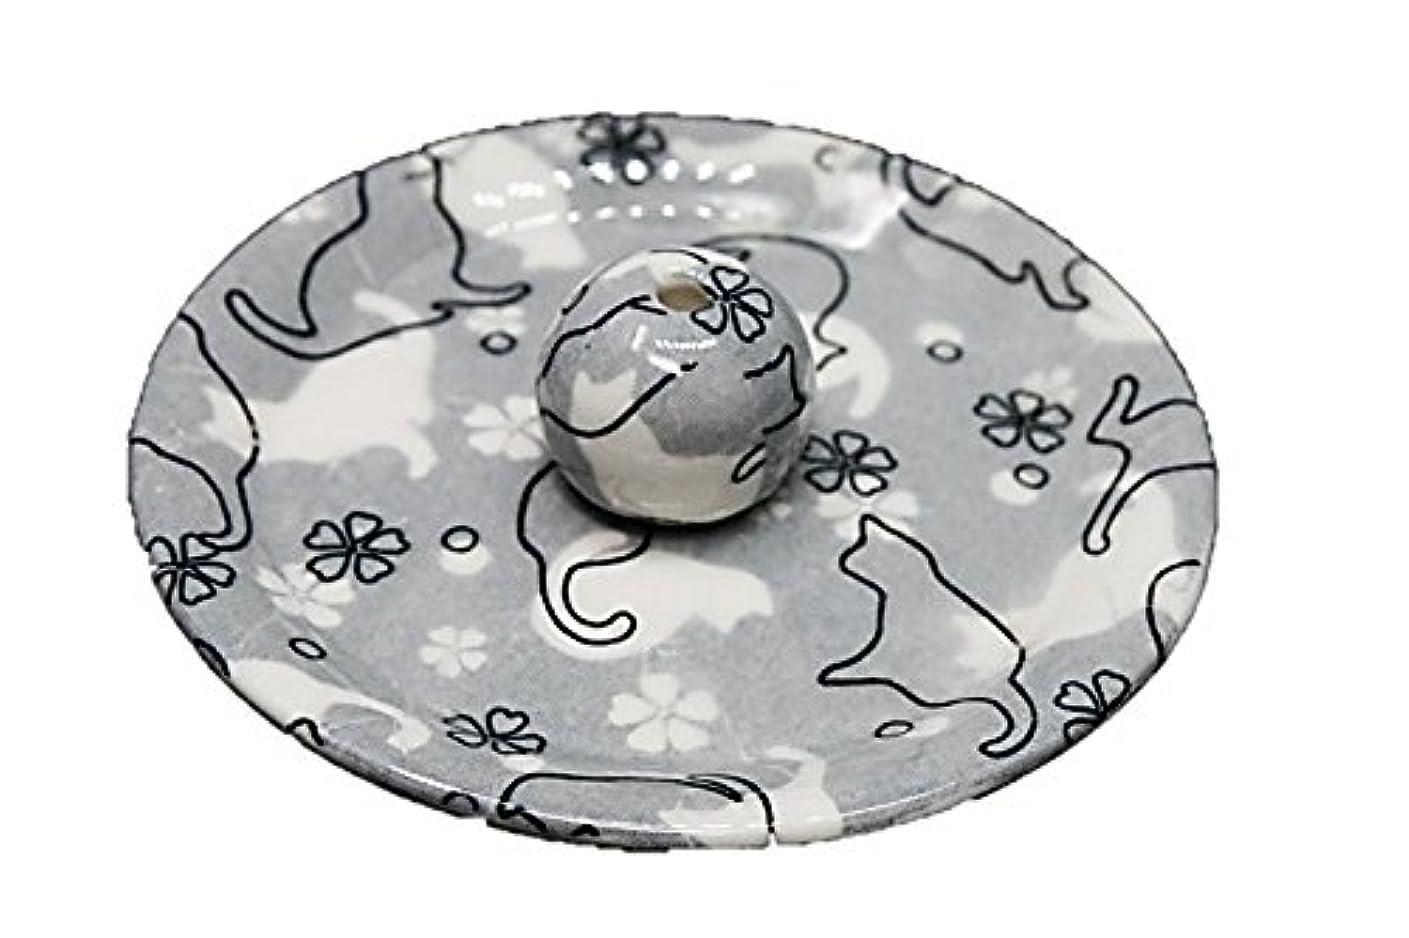 多様な未来引き受ける9-48 ねこランド(グレー) 9cm香皿 日本製 お香立て 陶器 猫柄